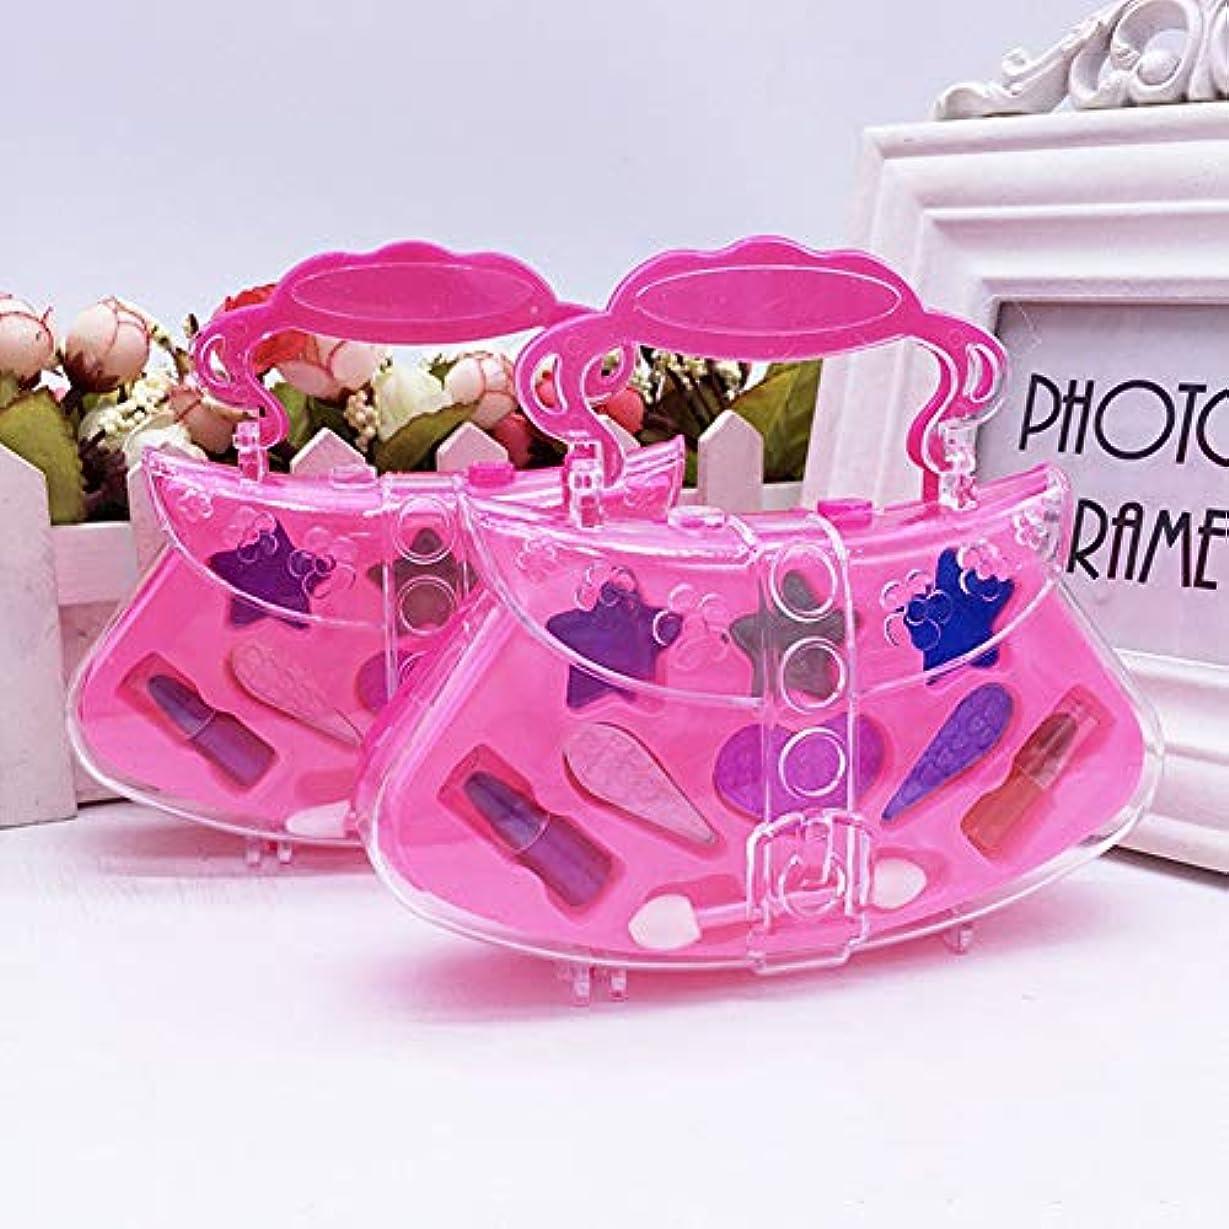 ポータブルプリンセスふりプレイ化粧おもちゃセットキッズ子供シミュレーション化粧品 - ピンク